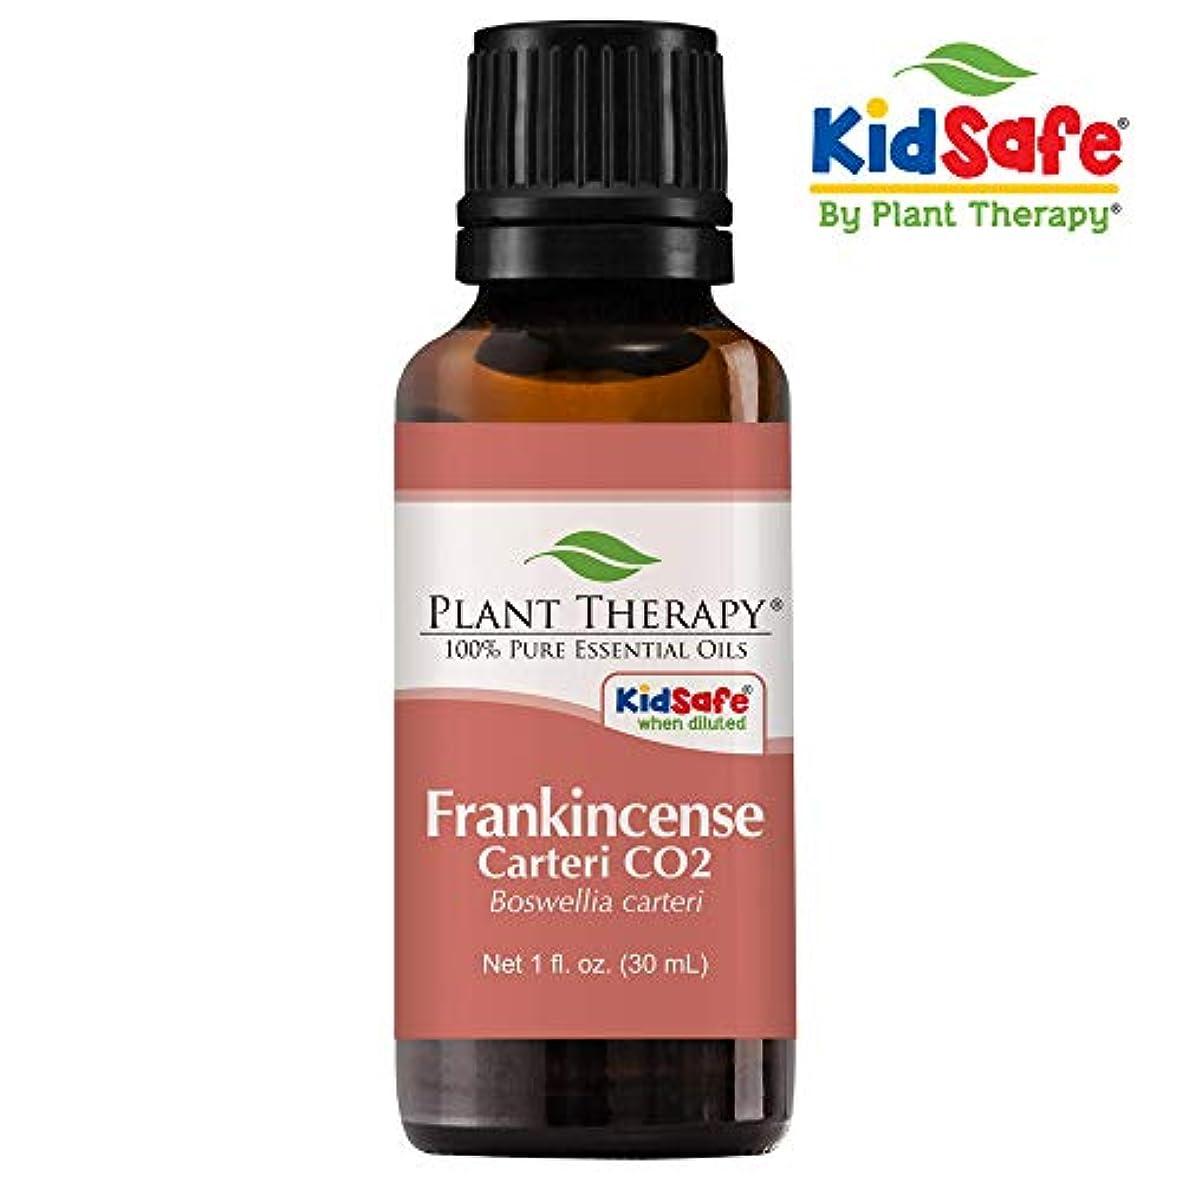 屋内でもちろん買収フランキンセンスCarteri CO2 30 mLのエッセンシャルオイル100%ピュア、治療グレード